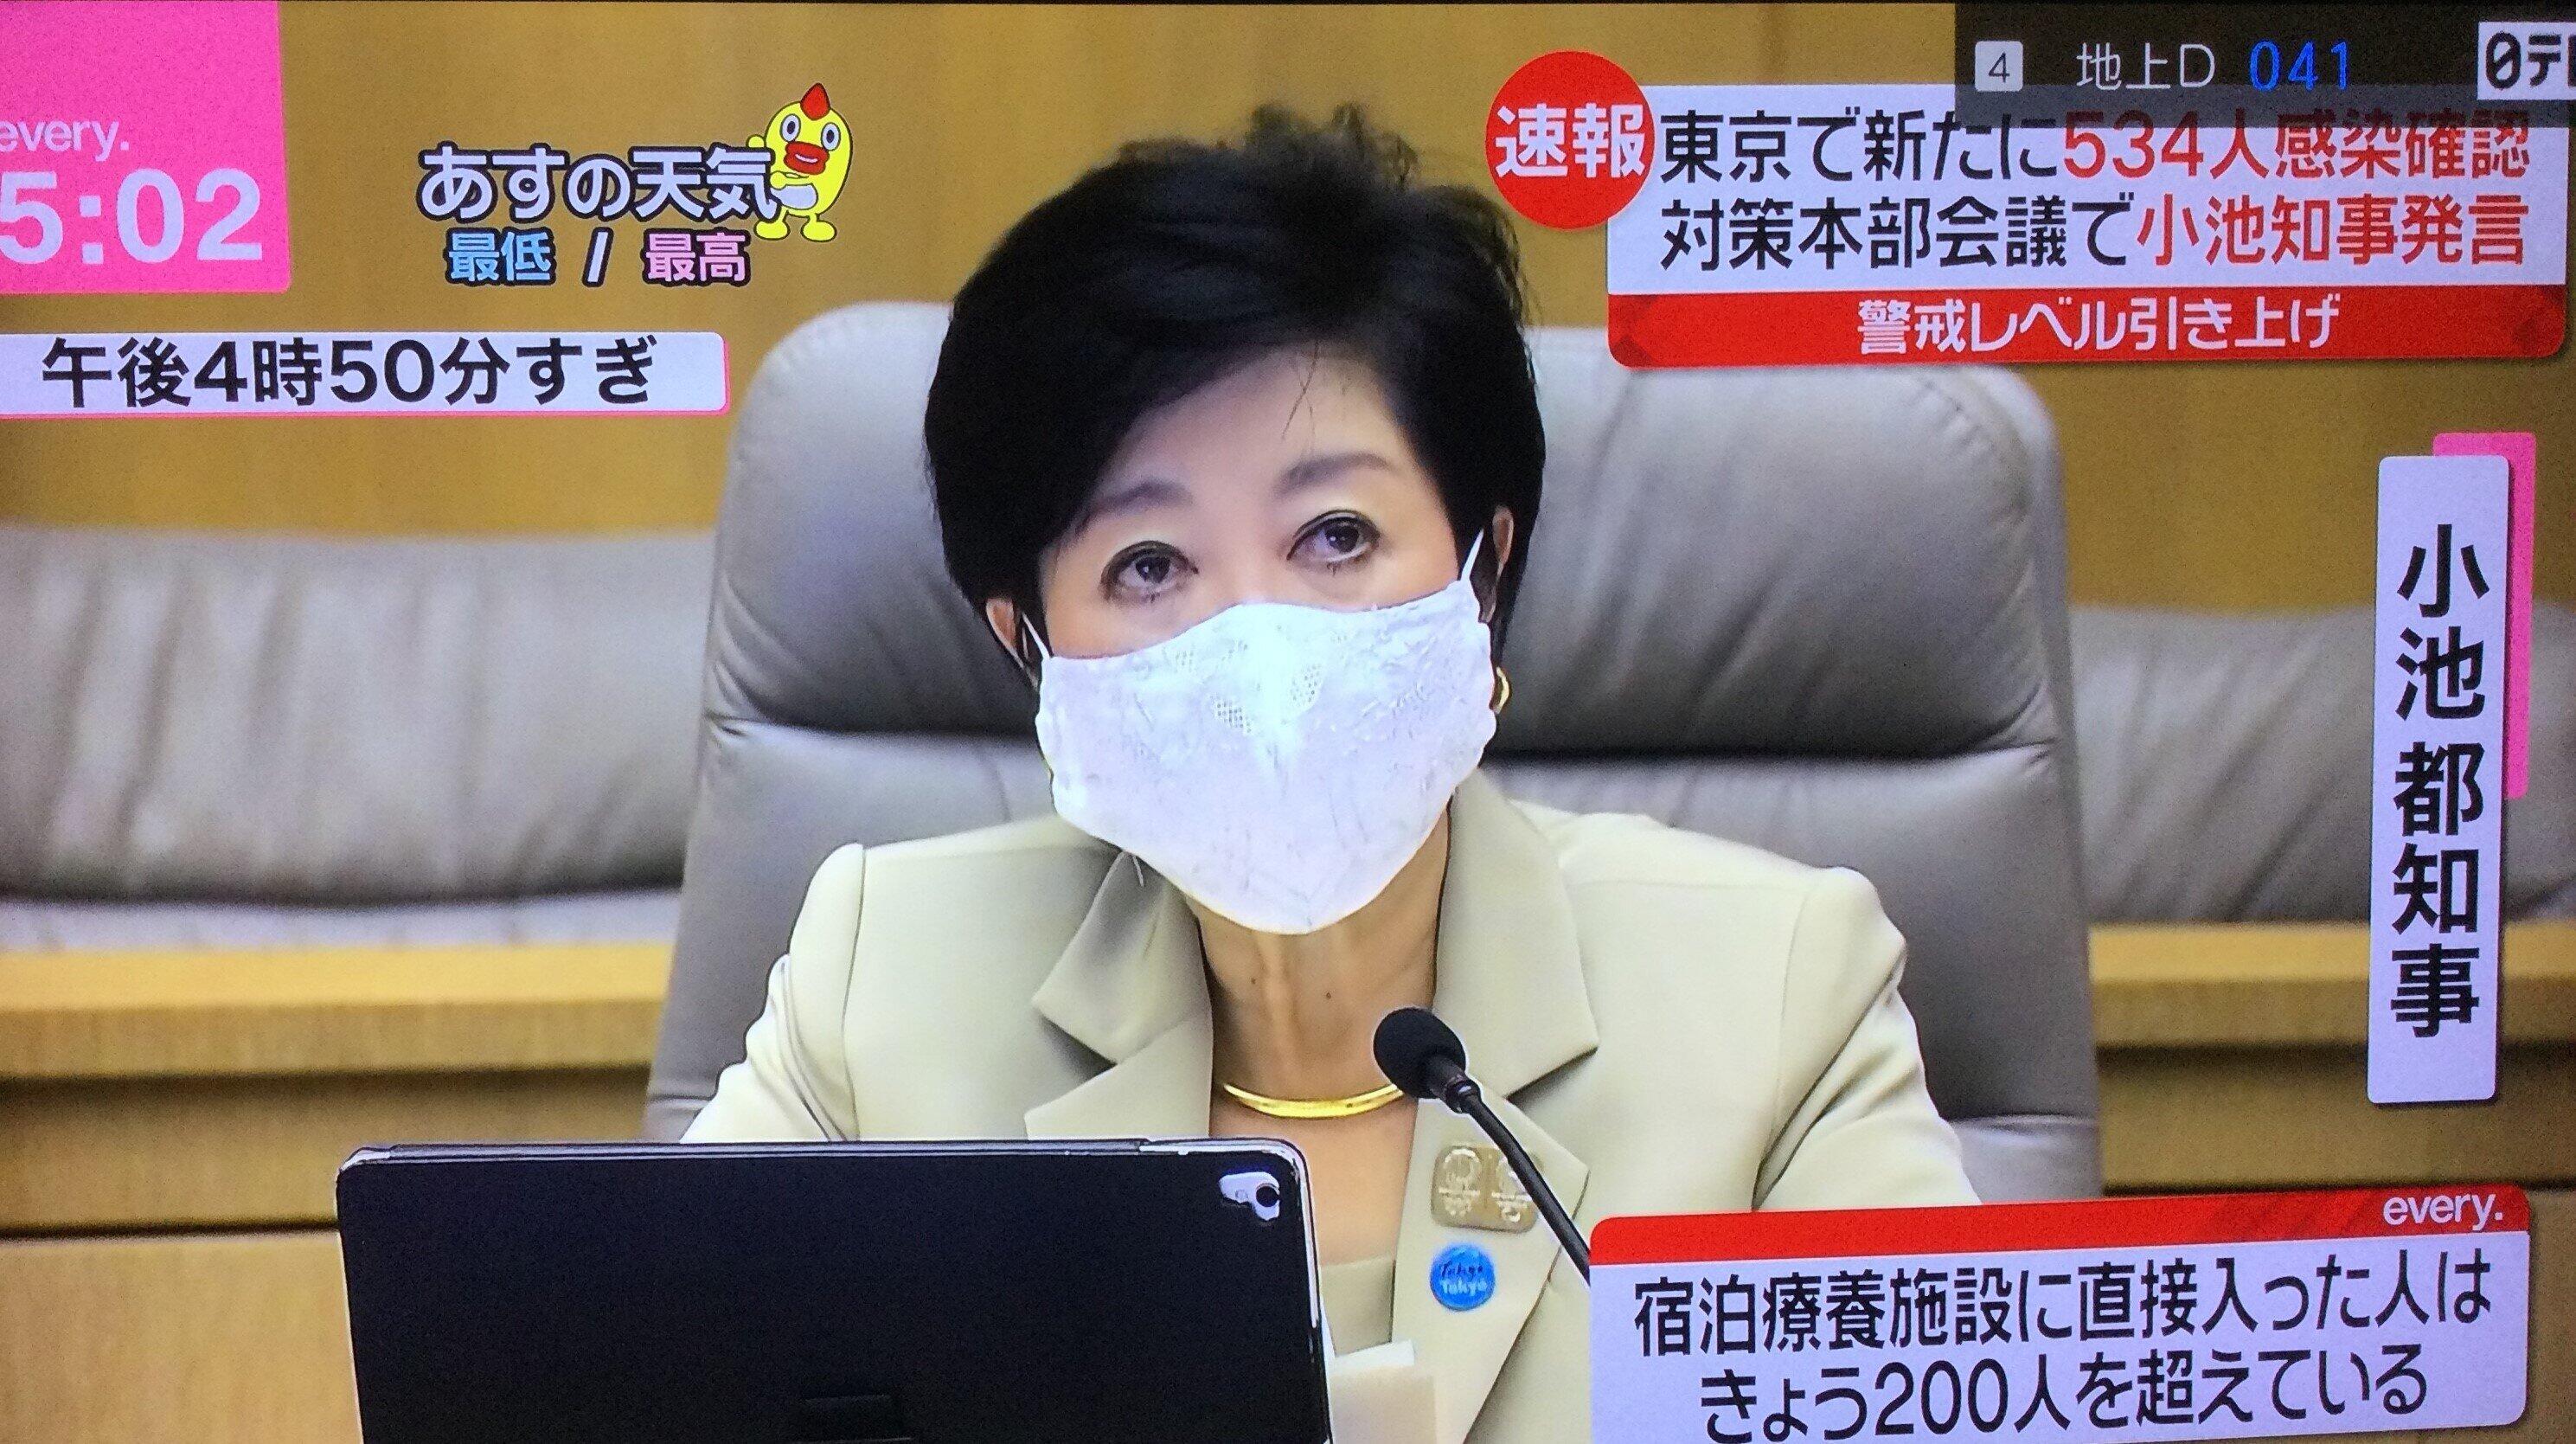 東京の感染者534人を伝える日本テレビのニュース